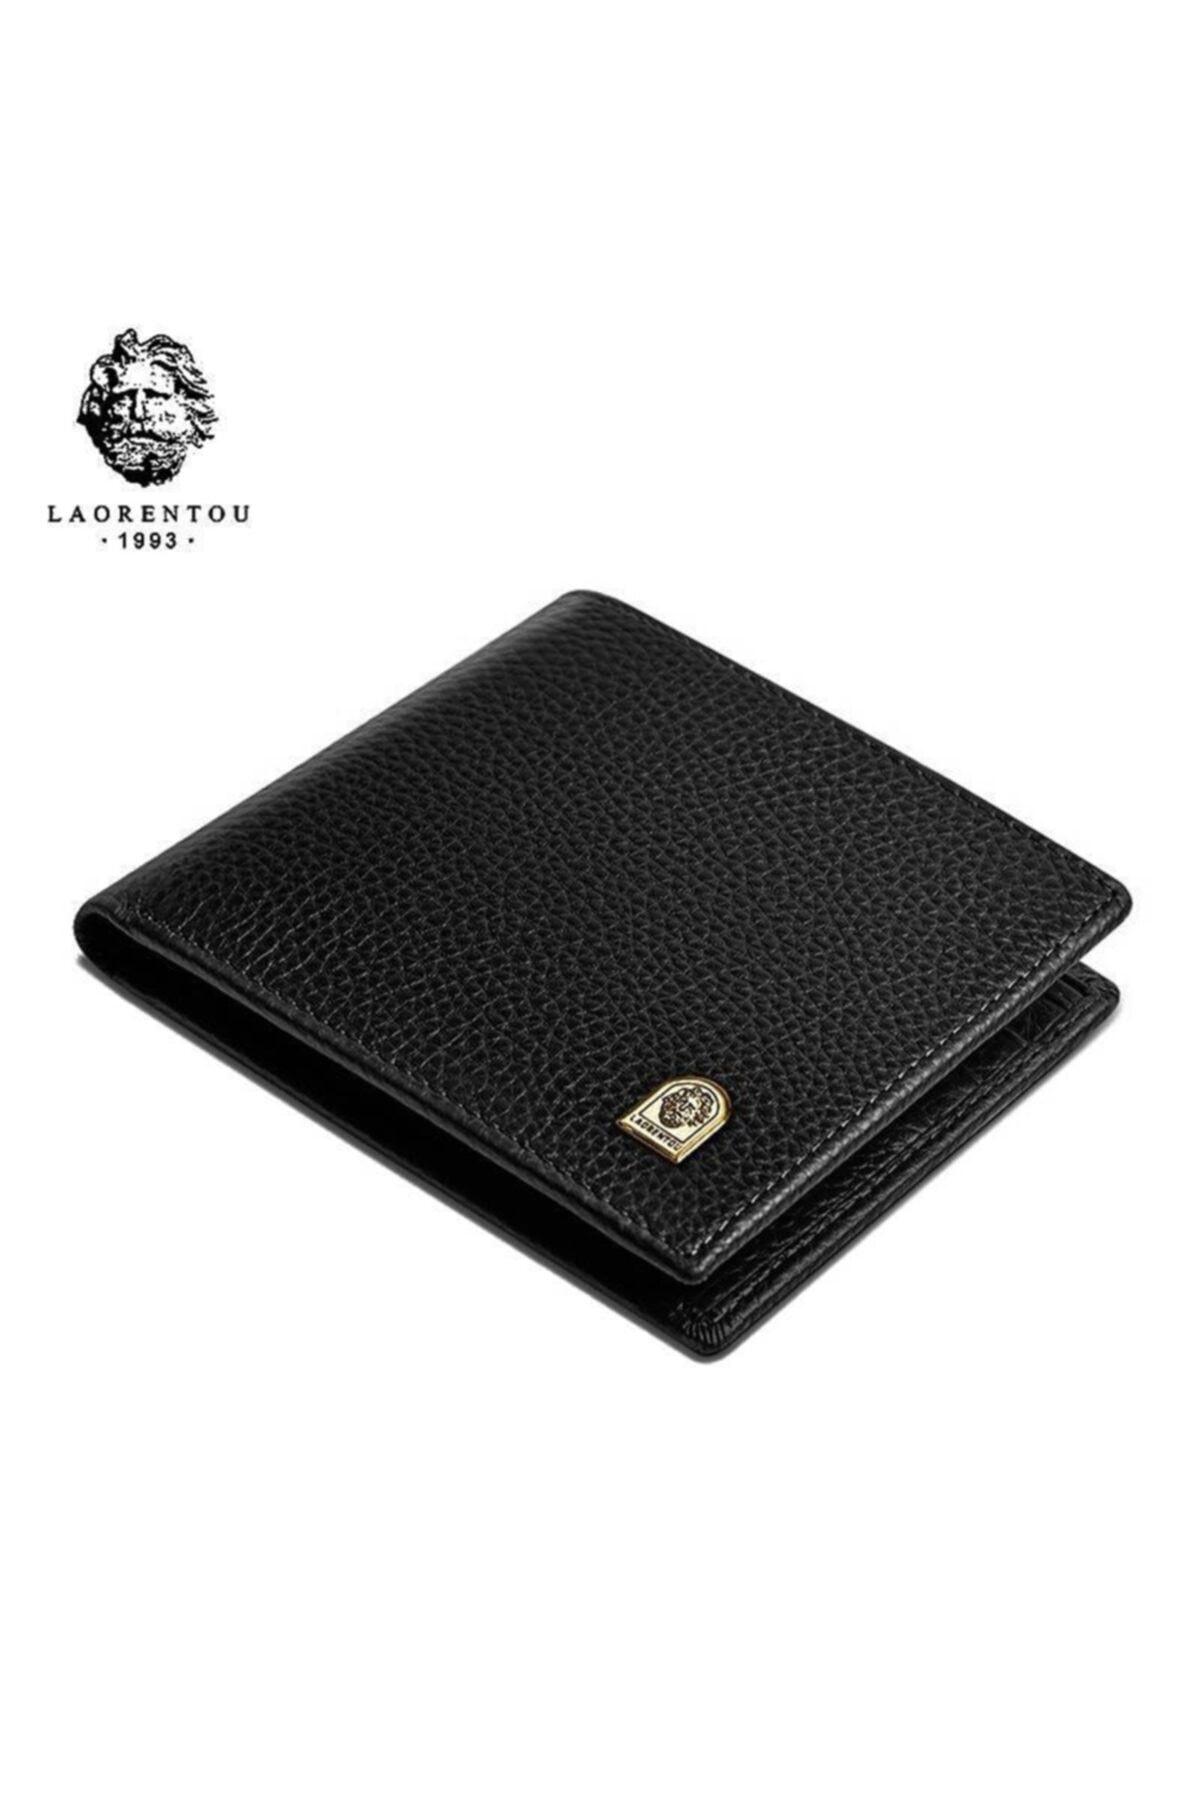 خرید اسان کیف پول مردانه اورجینال برند Laorentou رنگ مشکی کد ty112823664